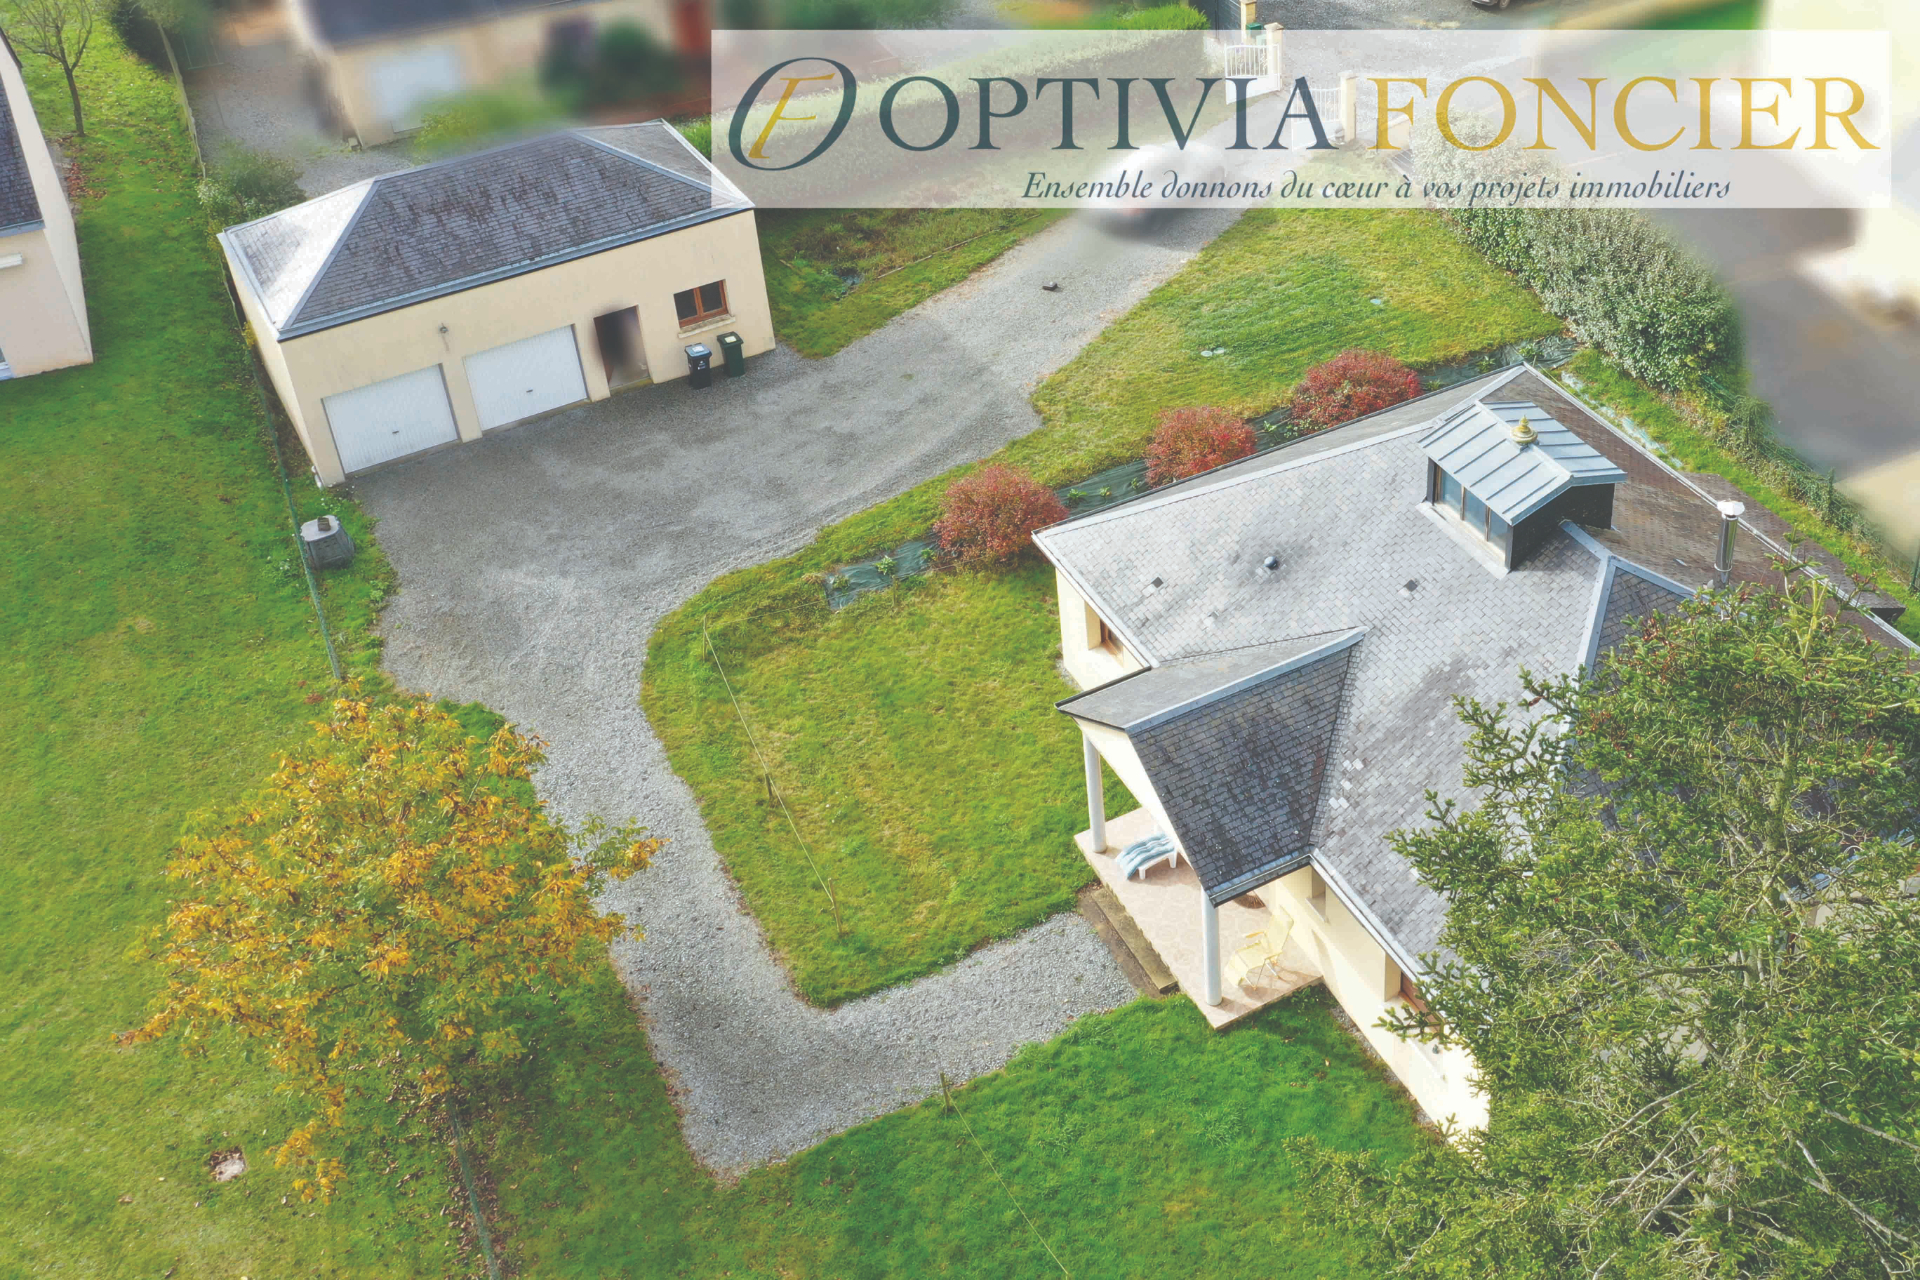 Maison de plain-pied de 120 m² - Terrain 985 m²  GUIGNEN